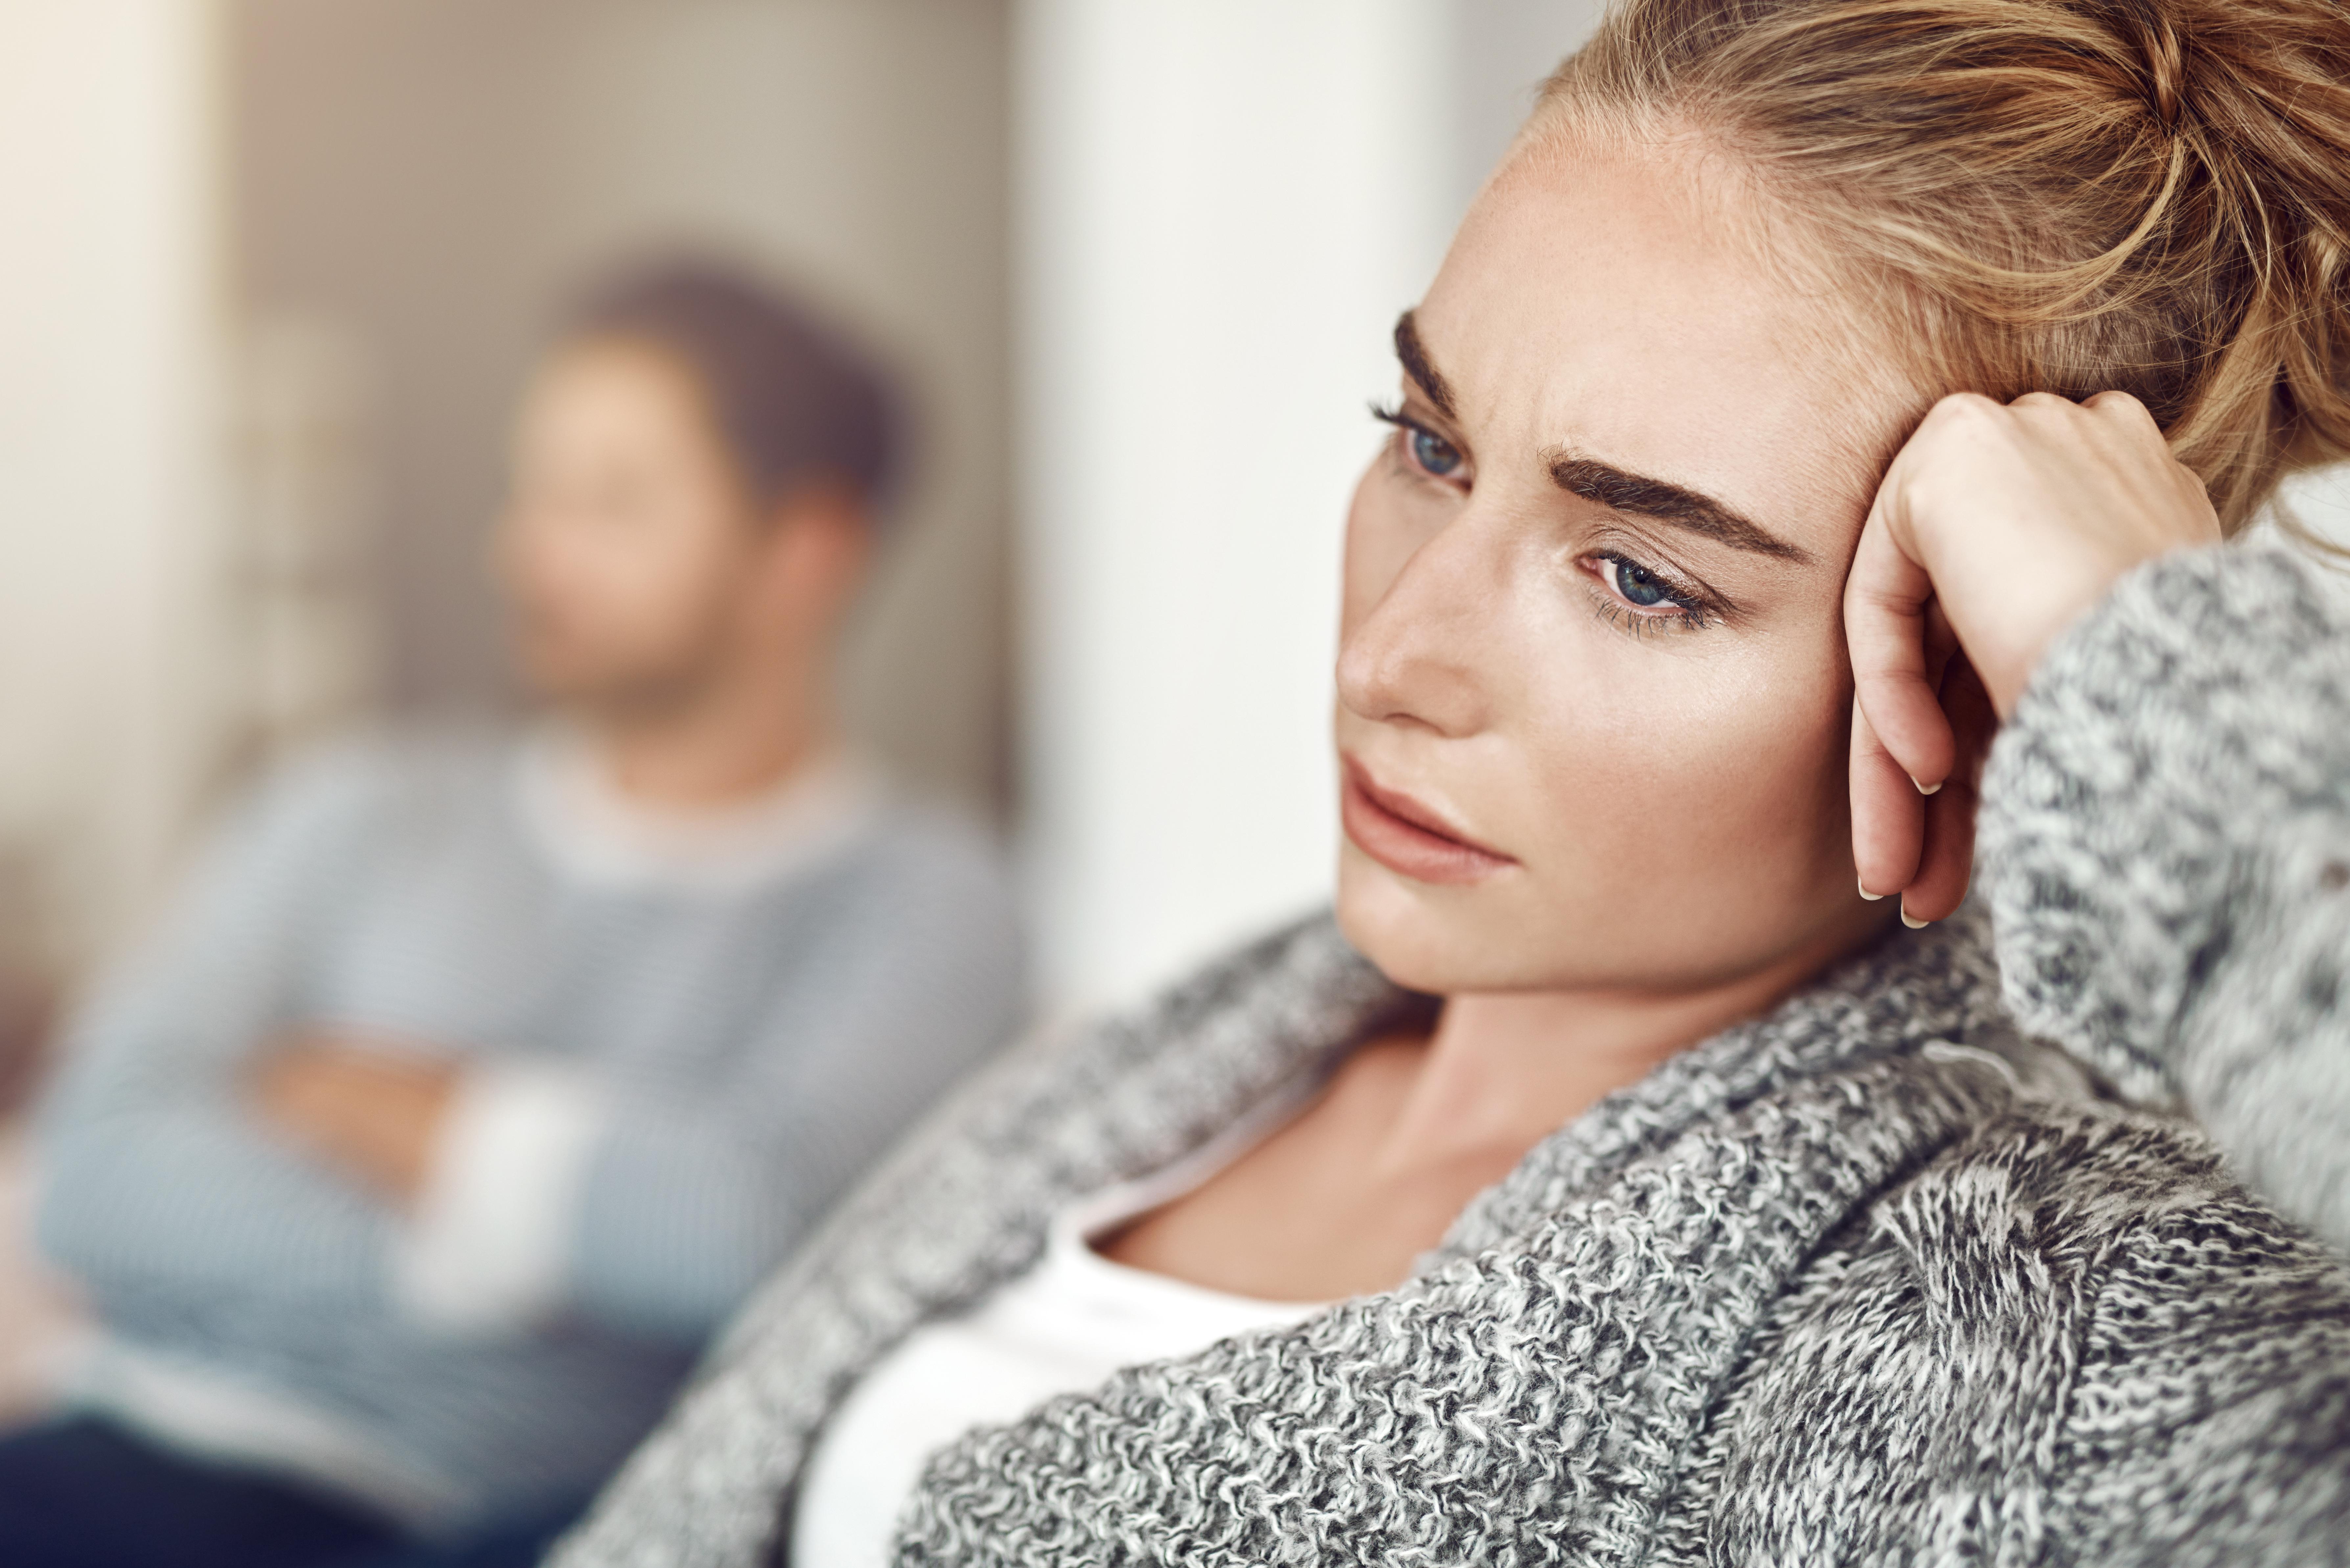 Intalnirea femeii divor? ate barbati din Craiova cauta femei din Brașov